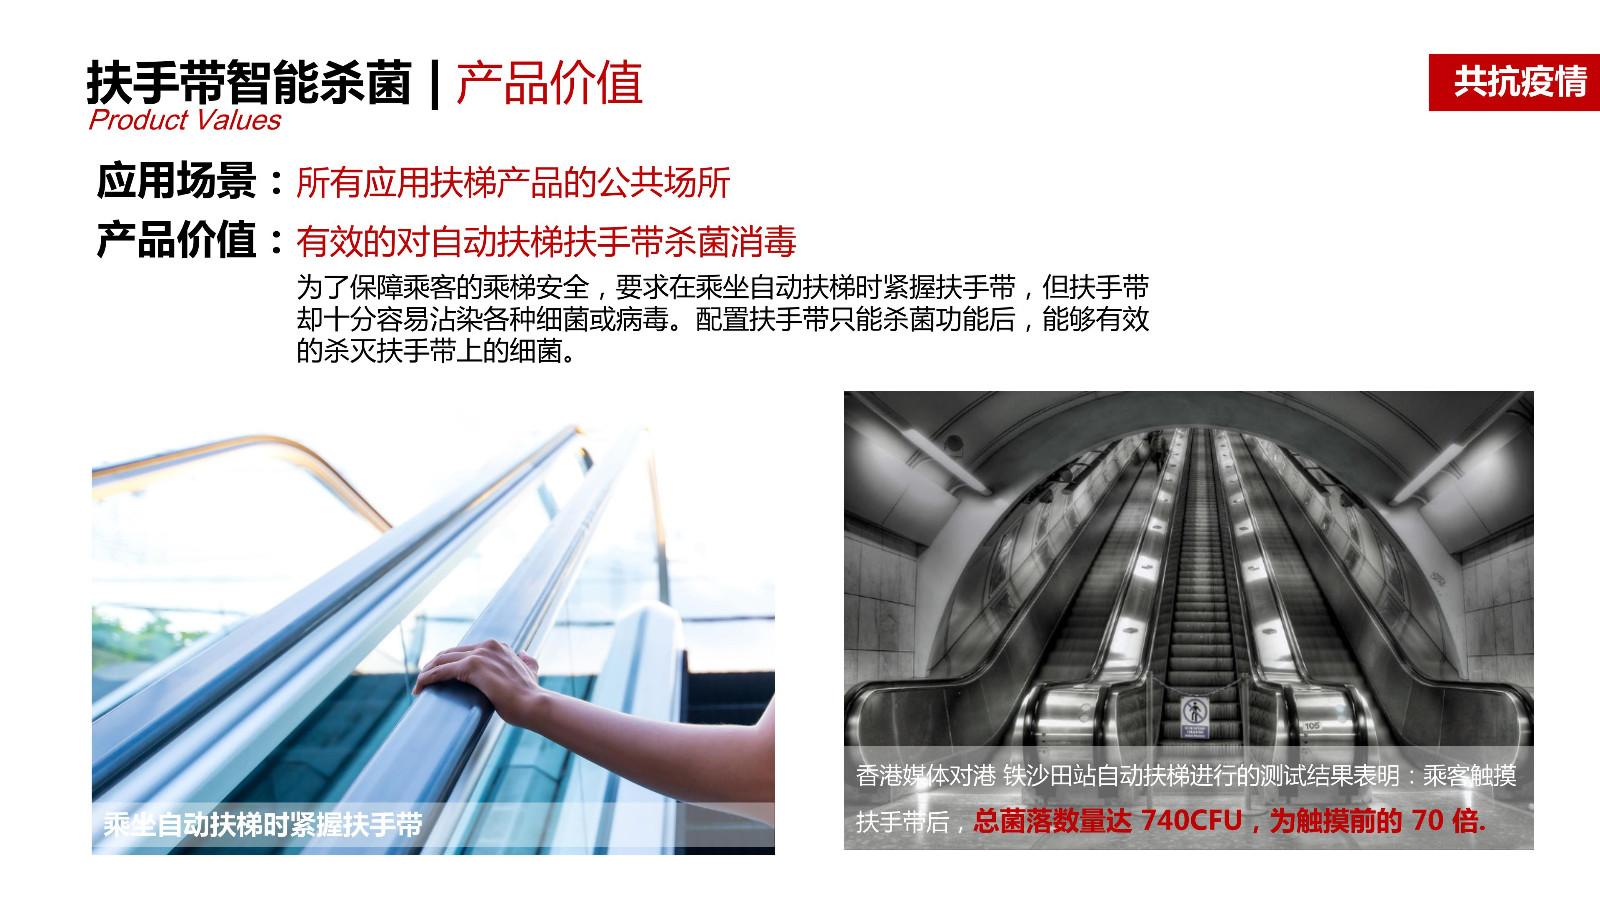 三菱电梯抑菌净化方案_医院电梯及配件-武汉军豪电梯有限公司